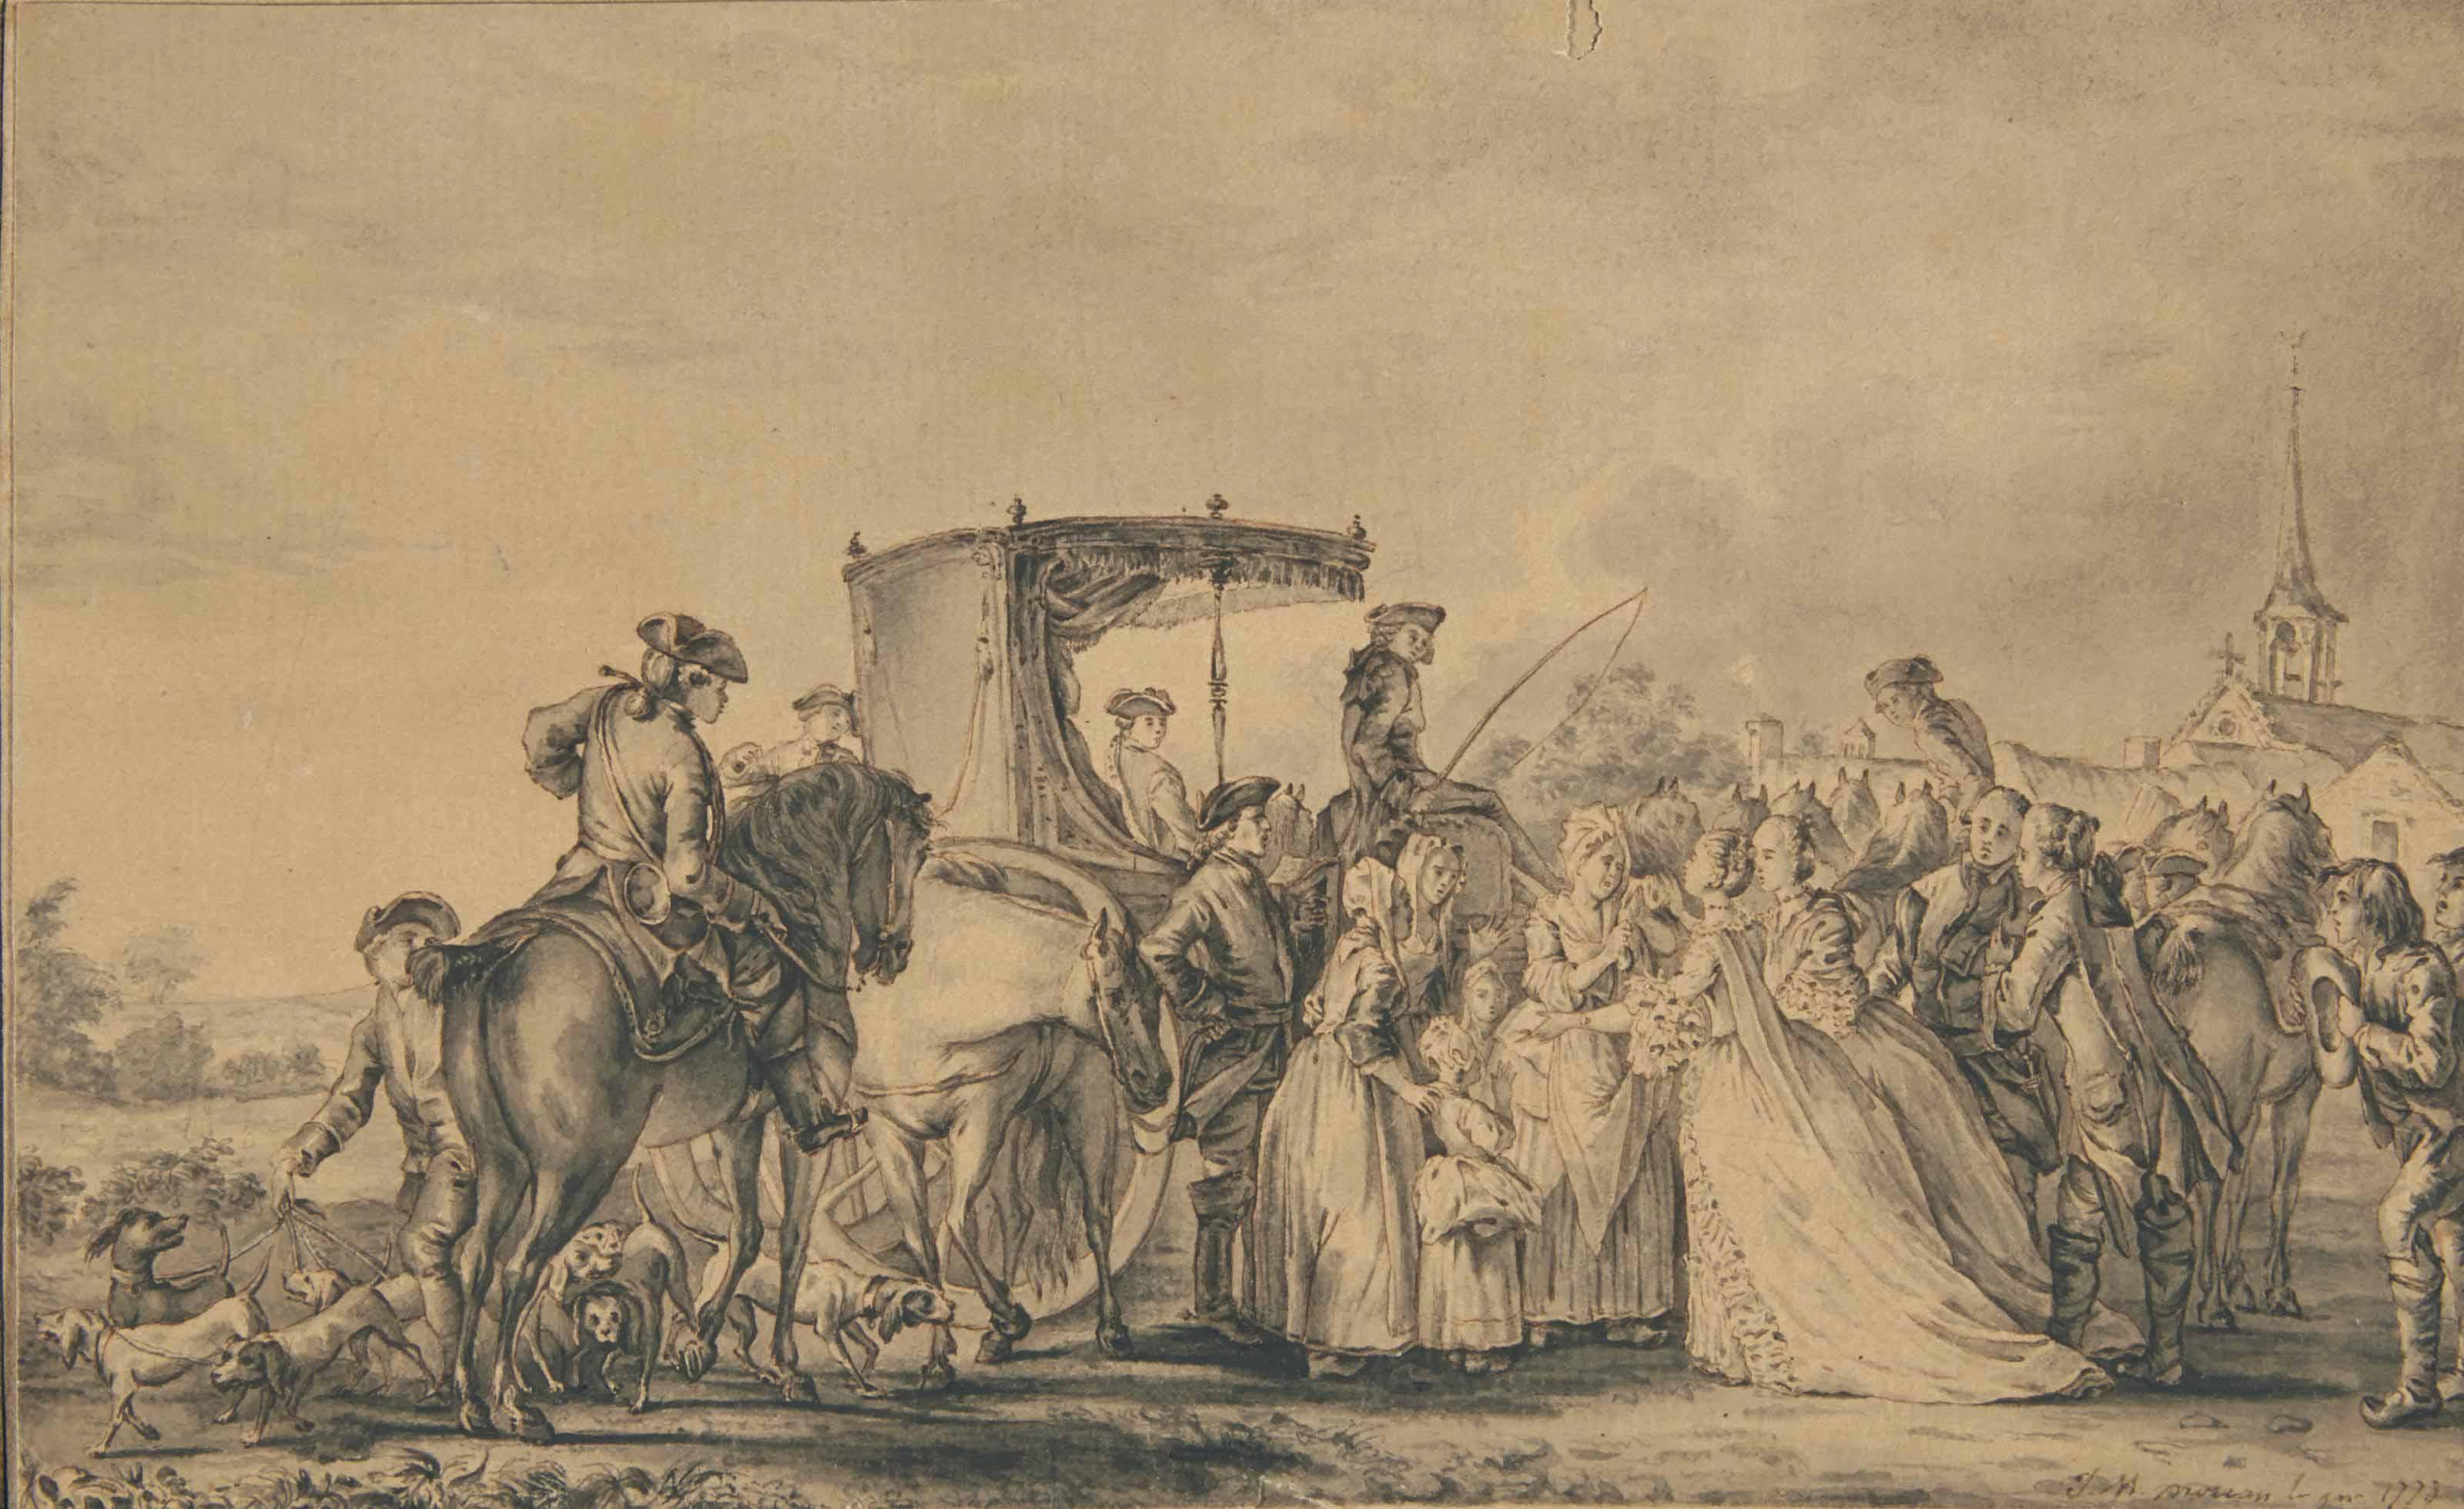 Marie-Antoinette, sortie de sa calèche et entourée de son cortège, consolant une paysane